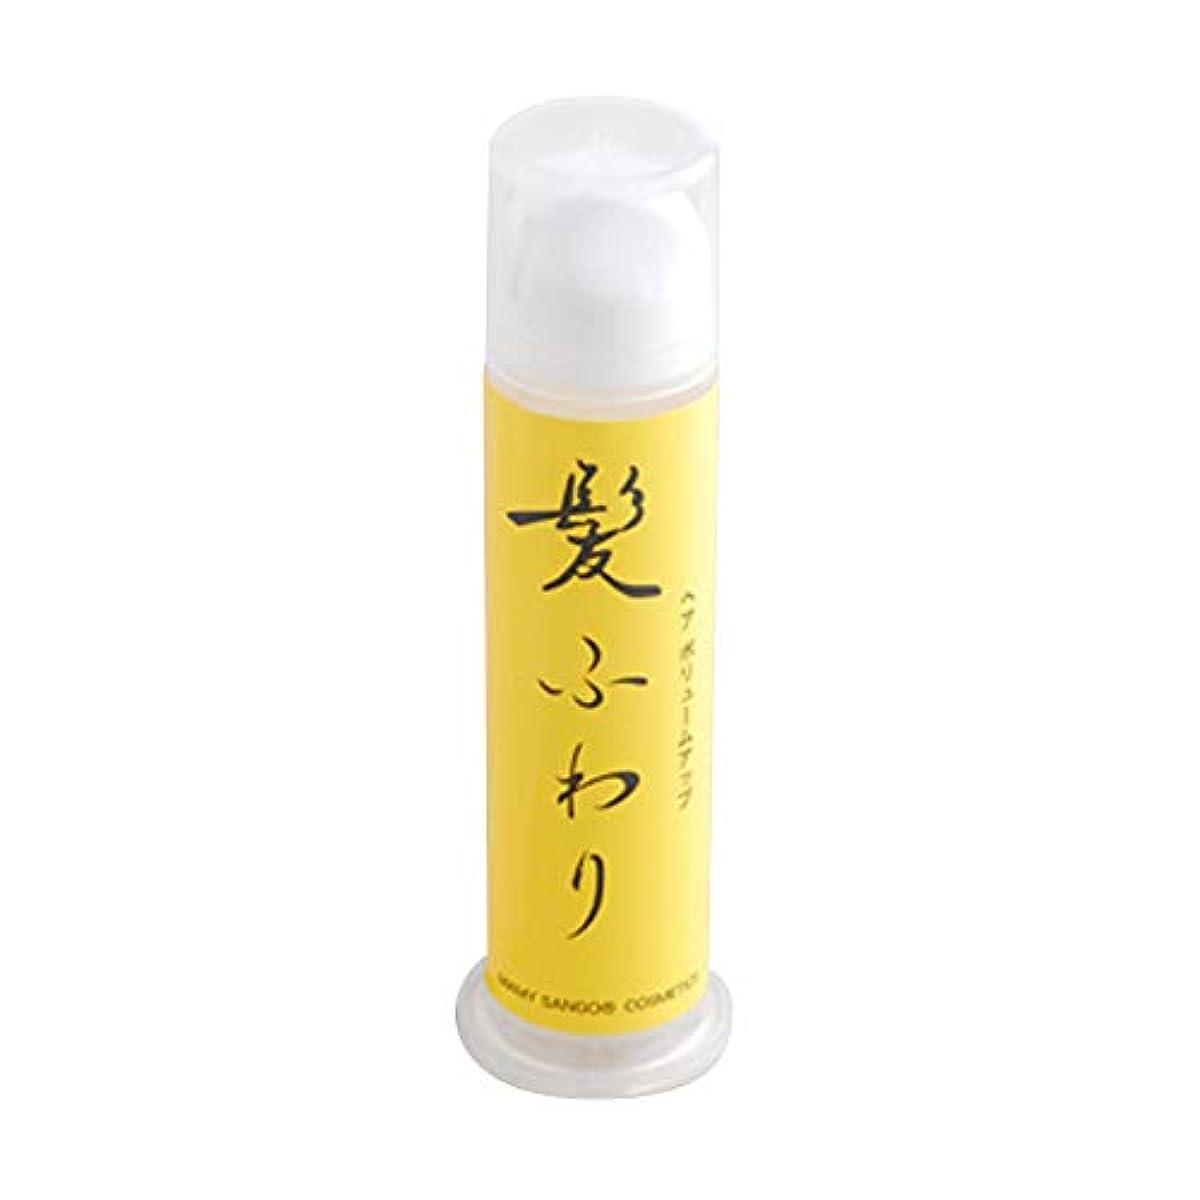 マミーサンゴ 髪ふわり 100g (1本)